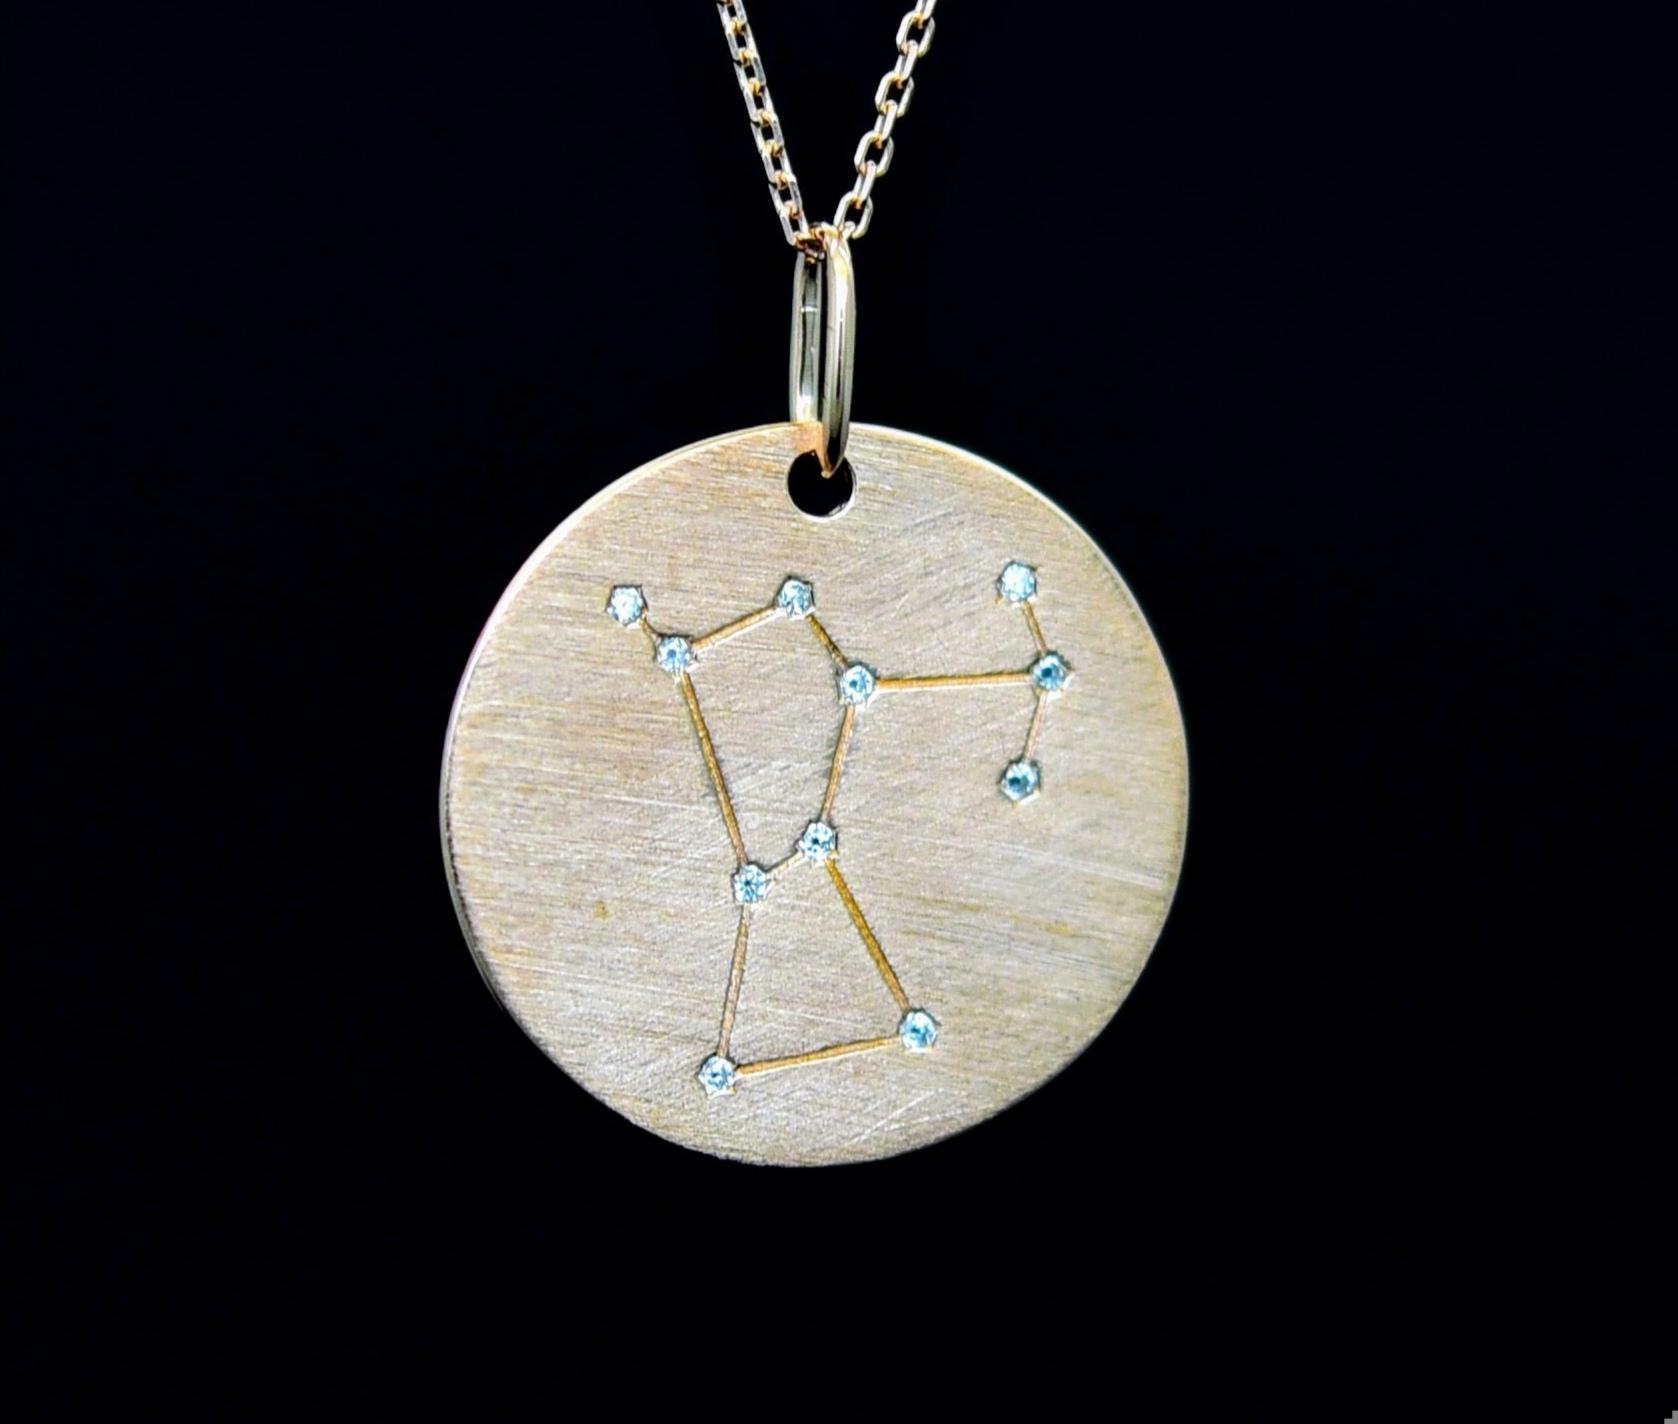 Sternbild Orion Silber mit Zirkonen als Sterne